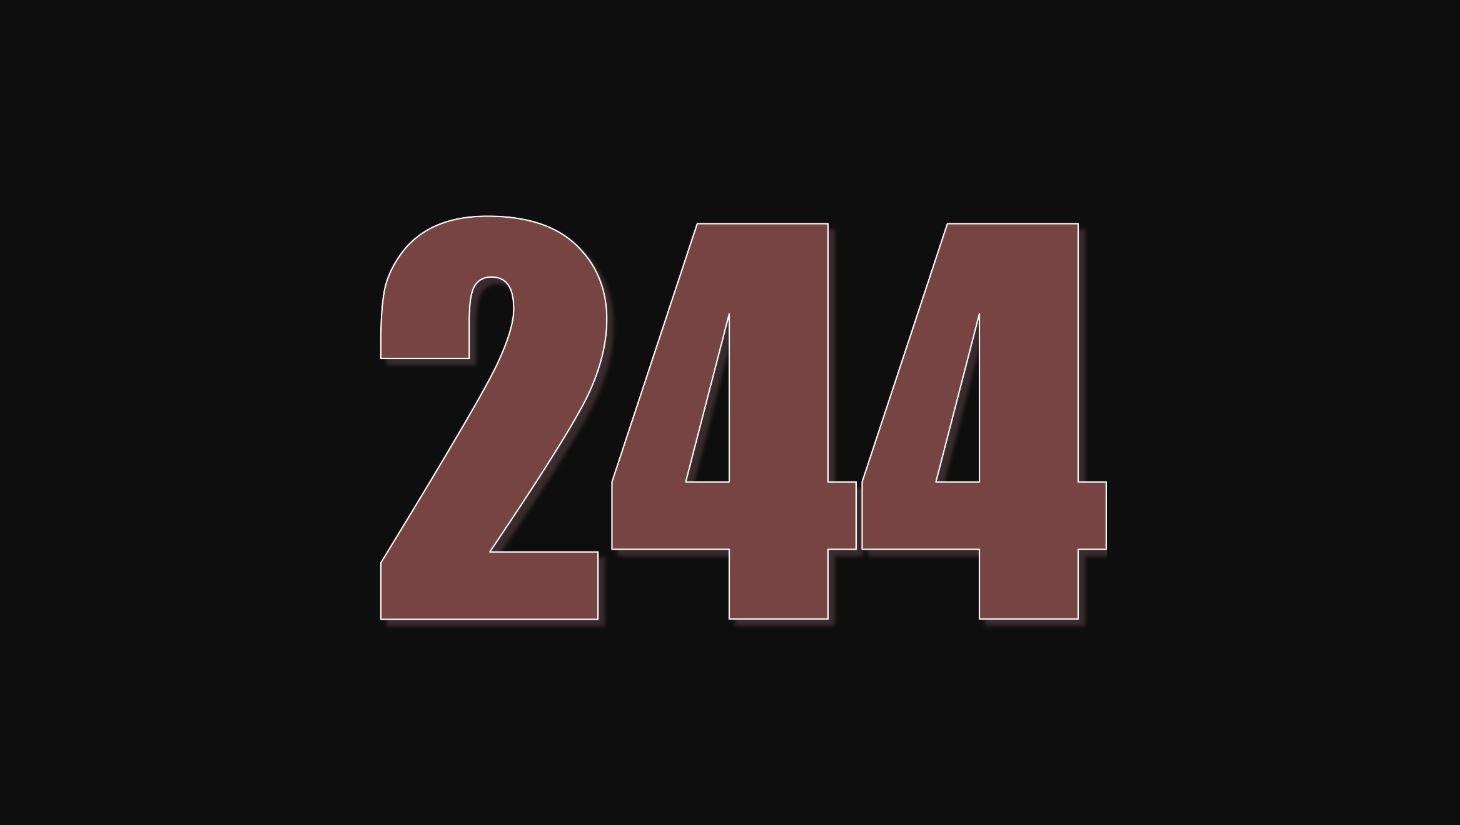 Il significato del numero 244